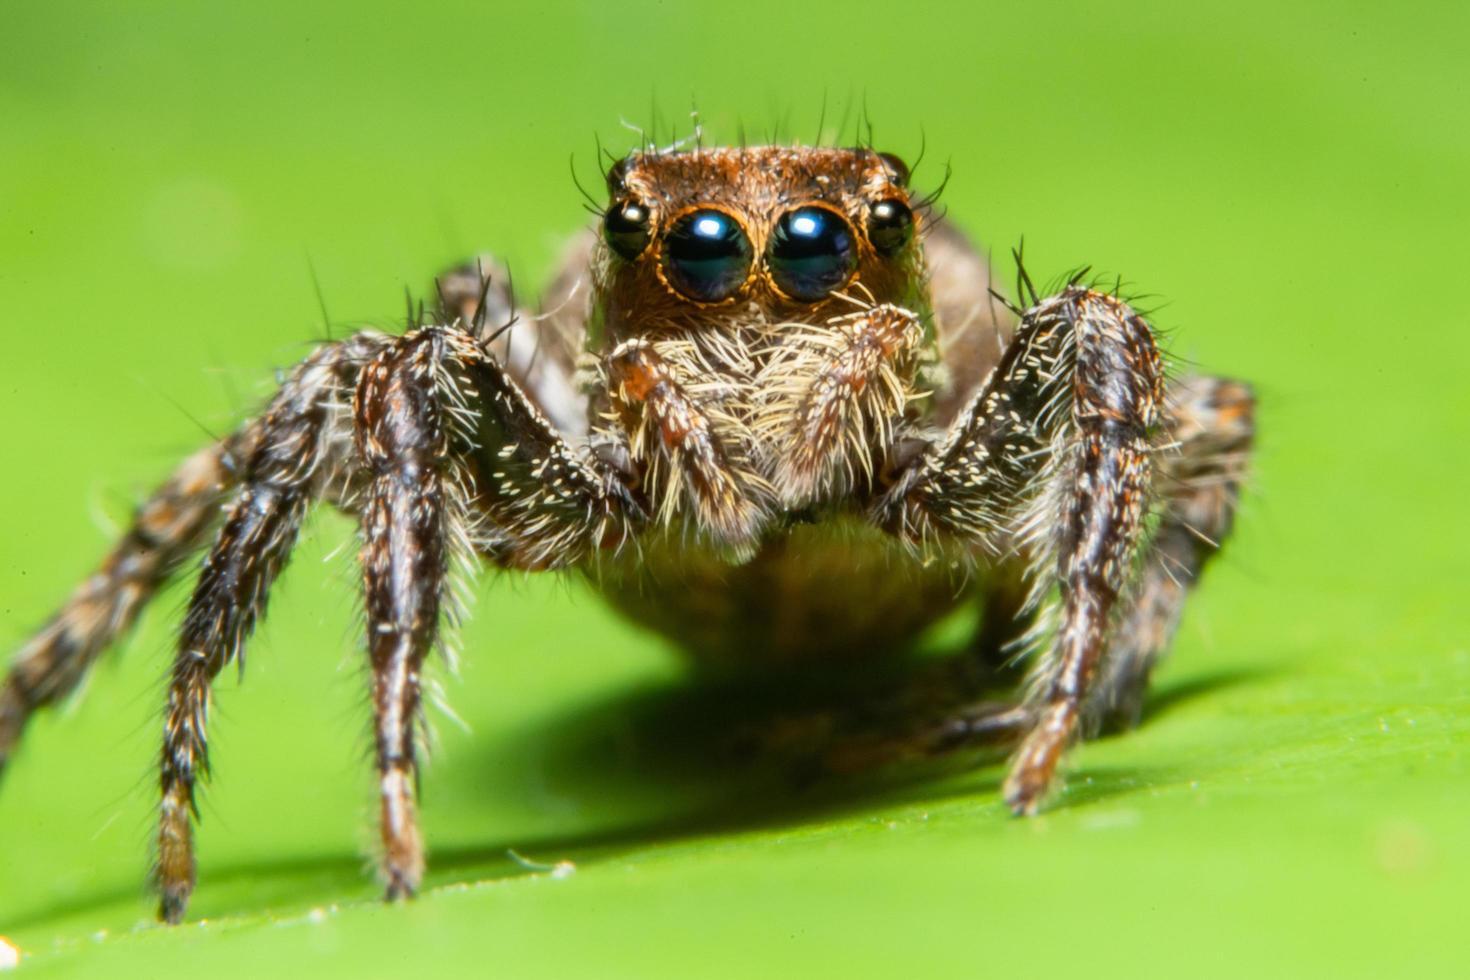 araignée dans la nature photo